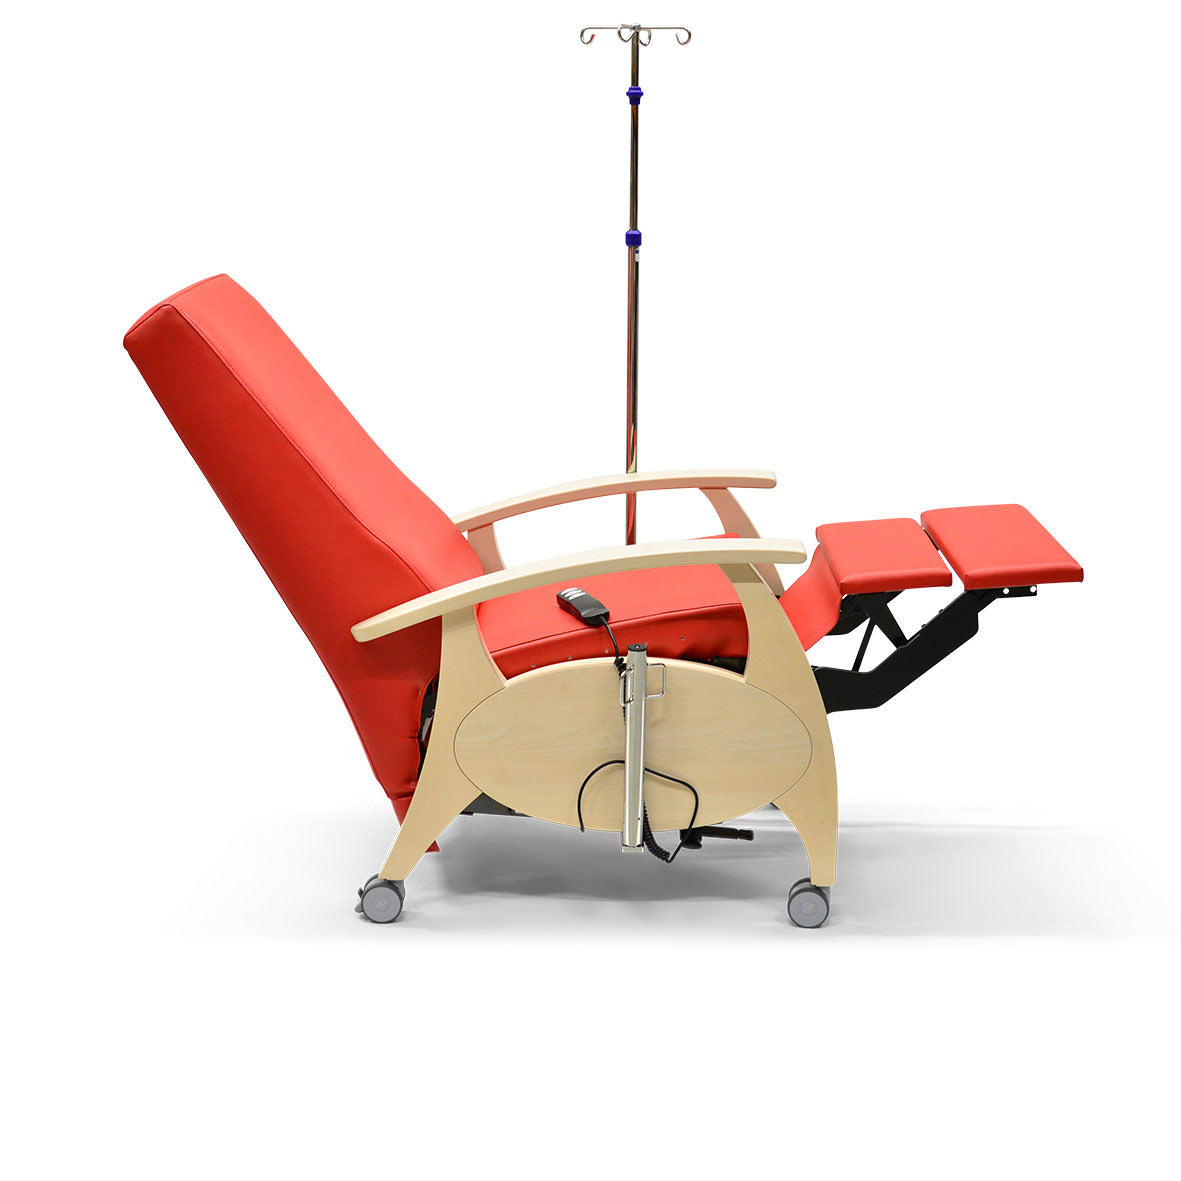 Pflegesessel Multicare wood 8509464R 01413005R5464 3 - MultiCare Wood Pflegesessel 8509